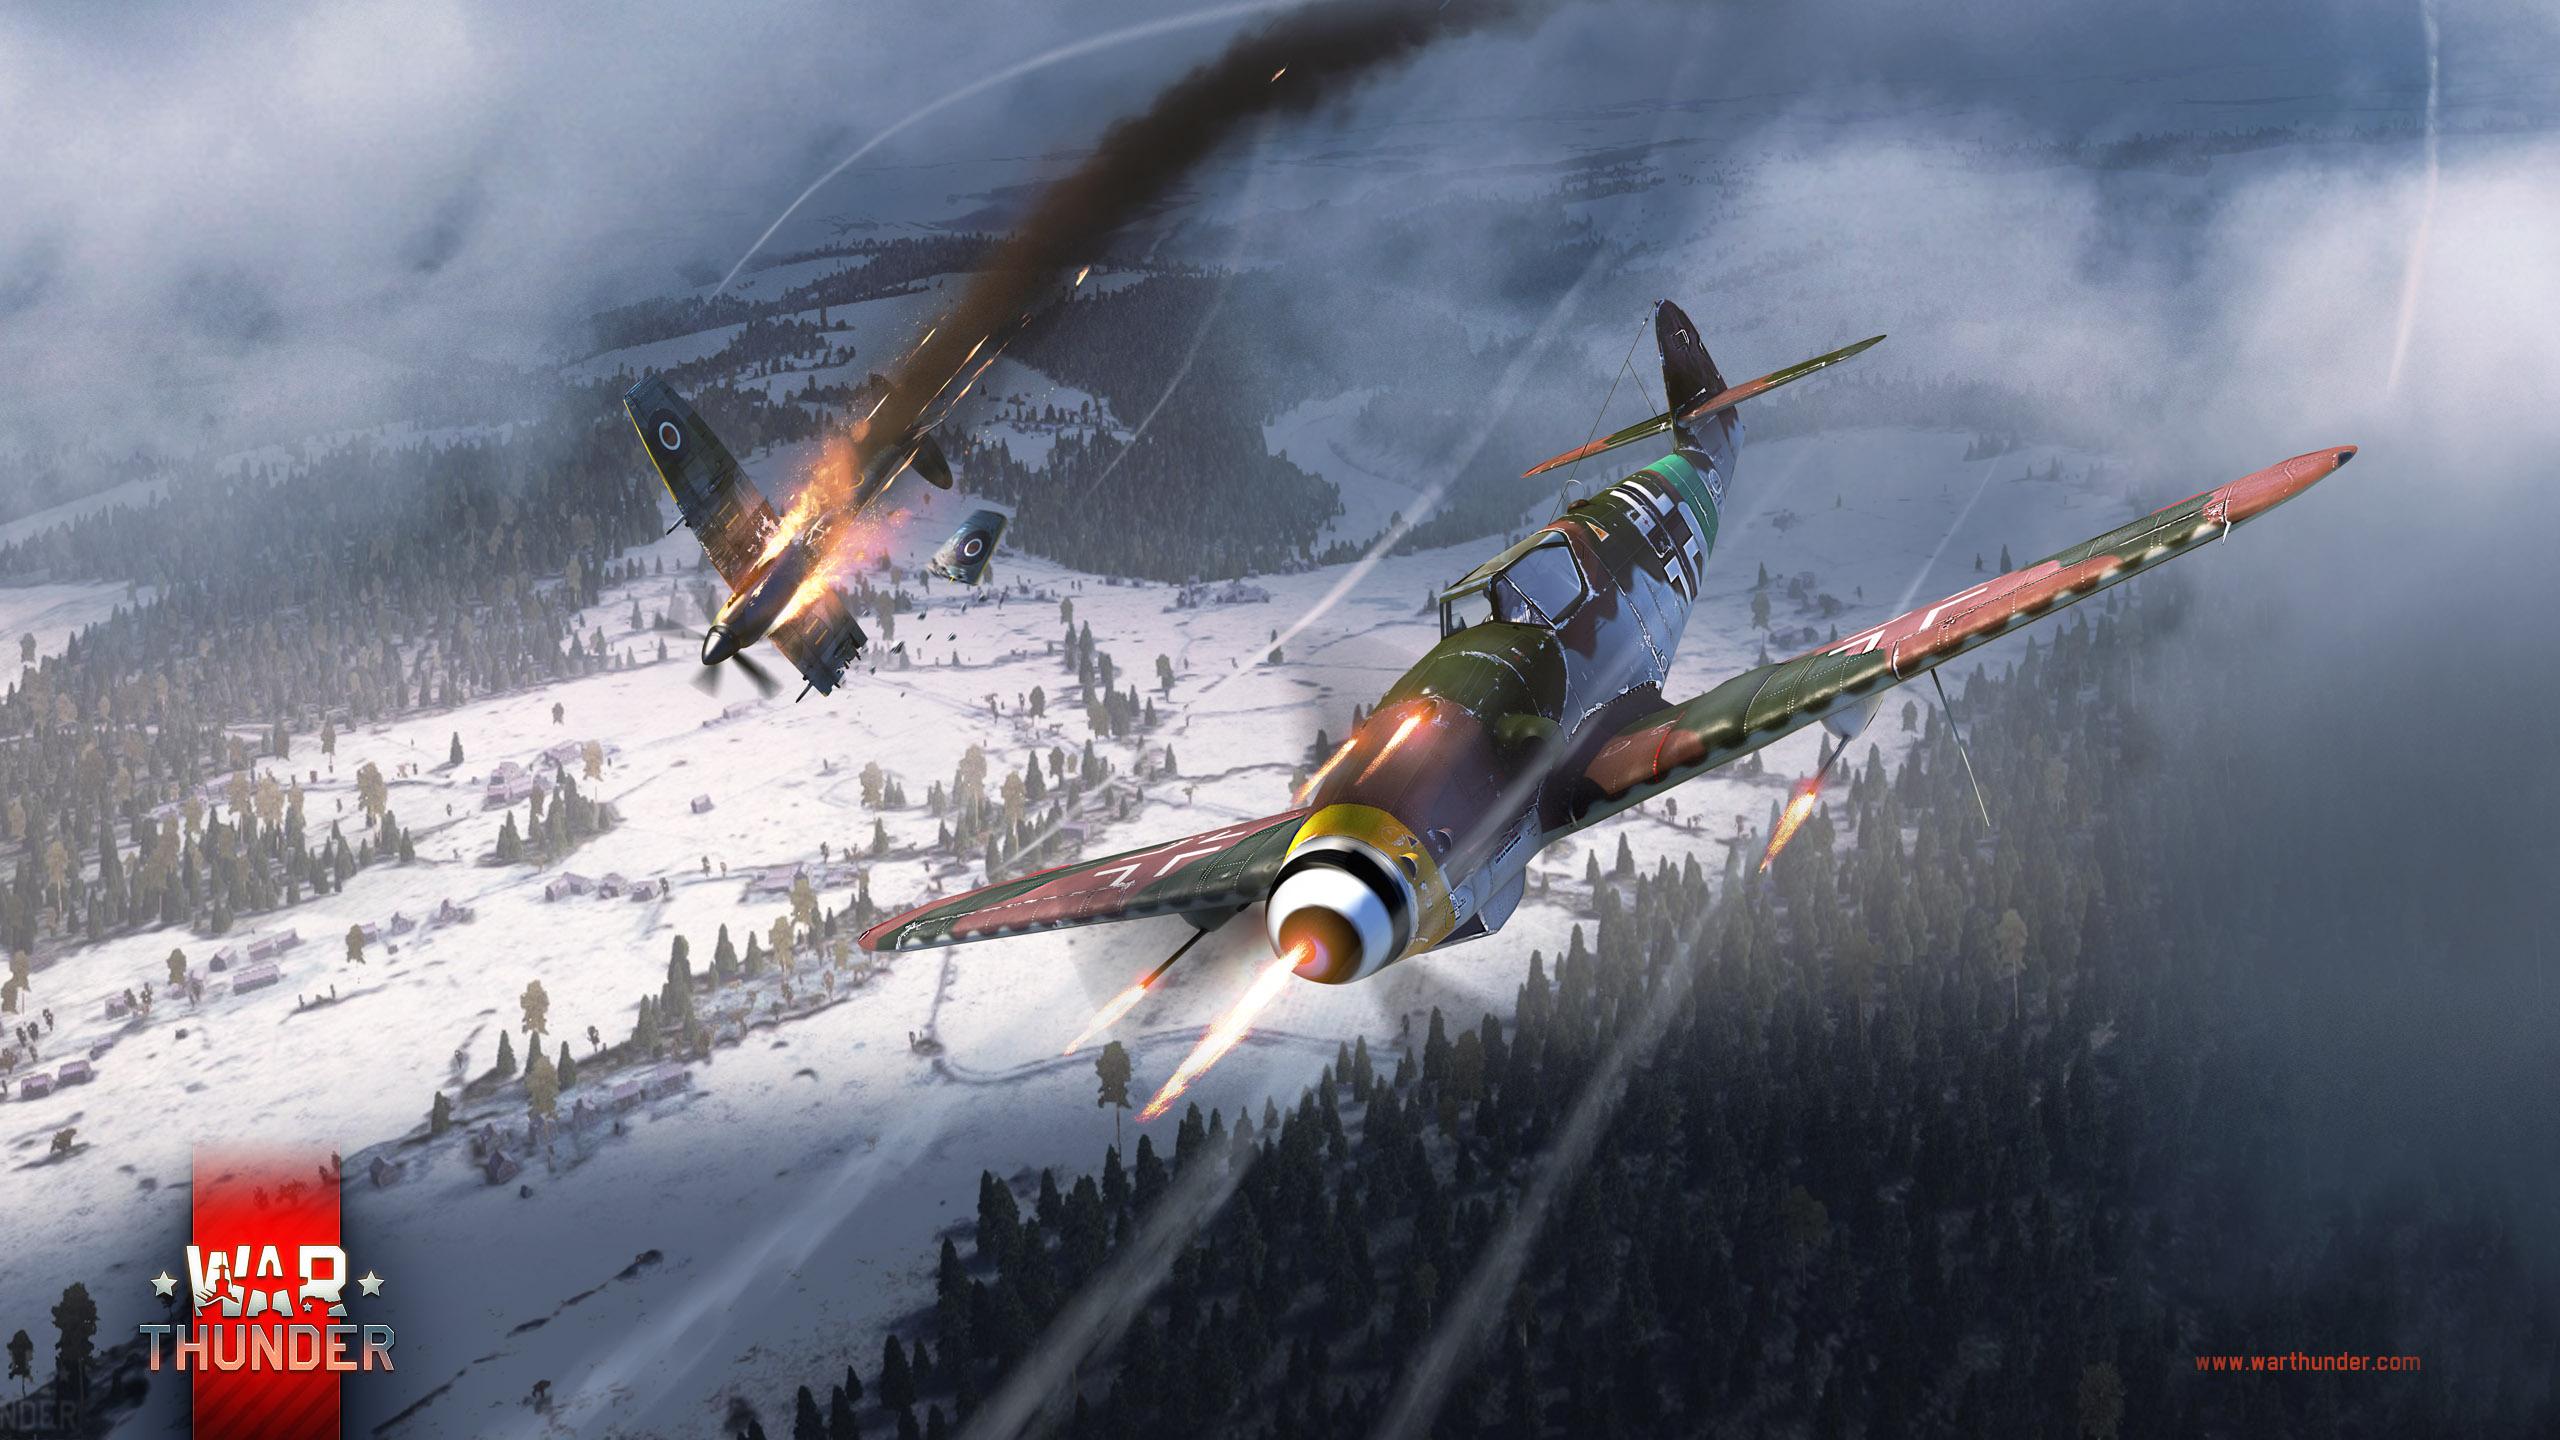 War thunder gameplay spitfire logo images